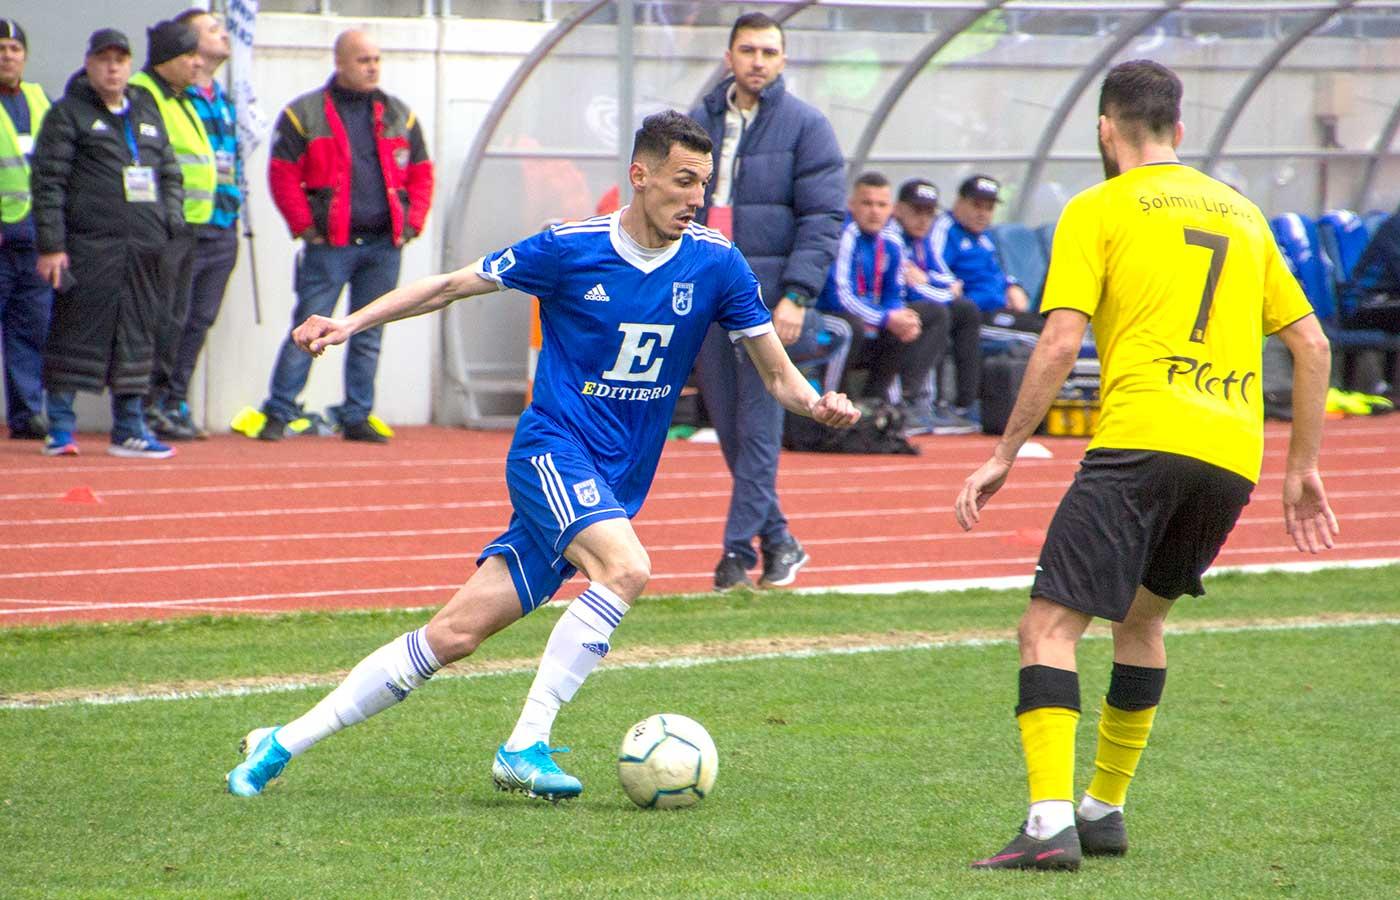 LIVE FC Universitatea - Șoimii Lipova